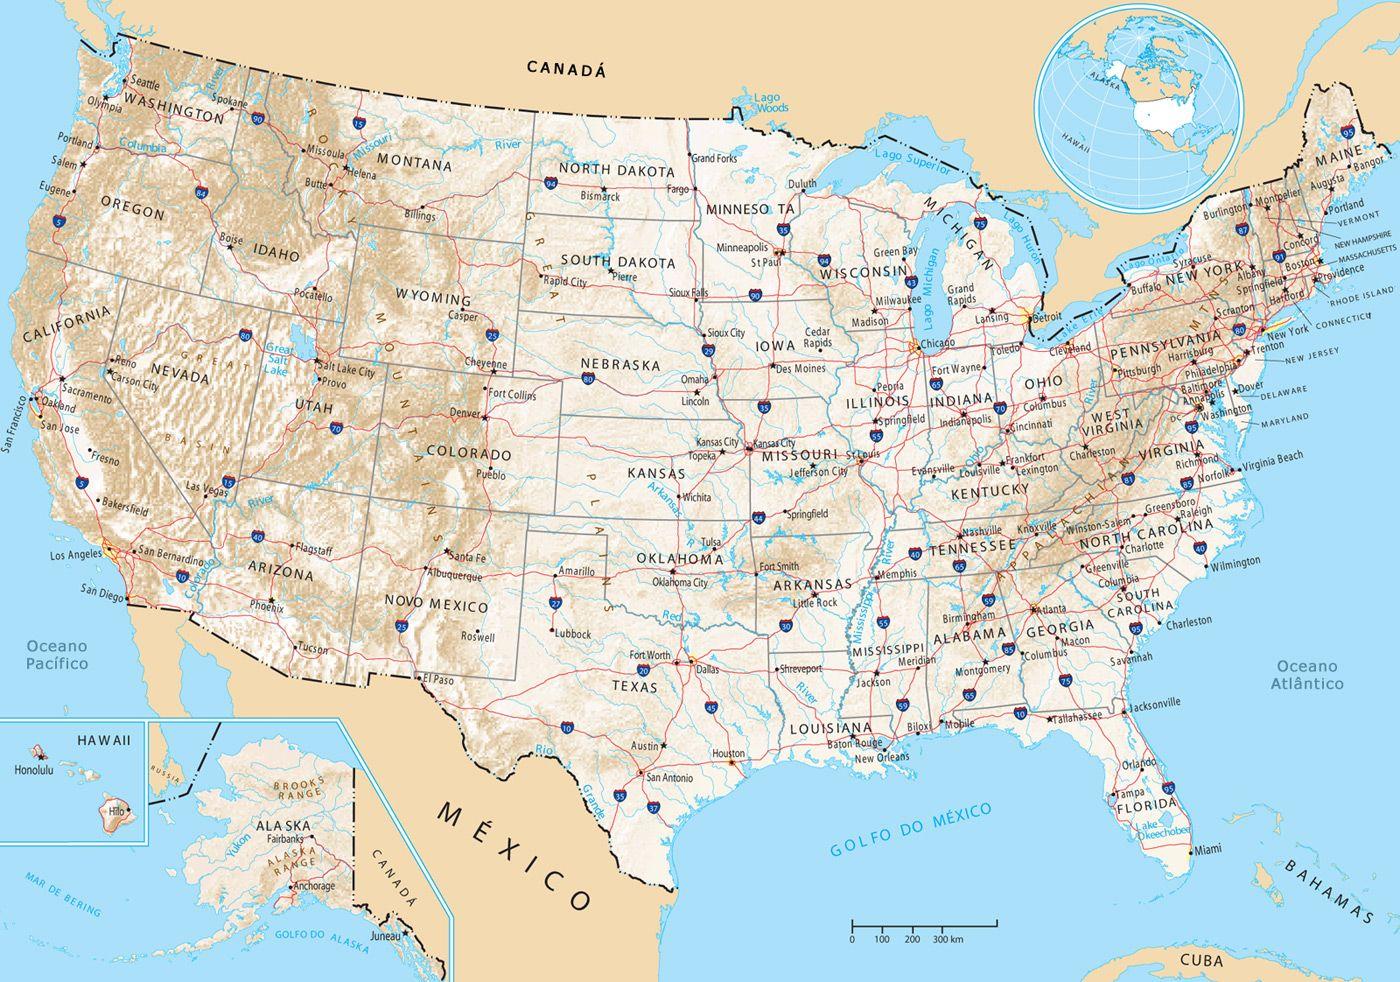 Mapa Estados Unidos Mapas Pinterest - Mapas usa